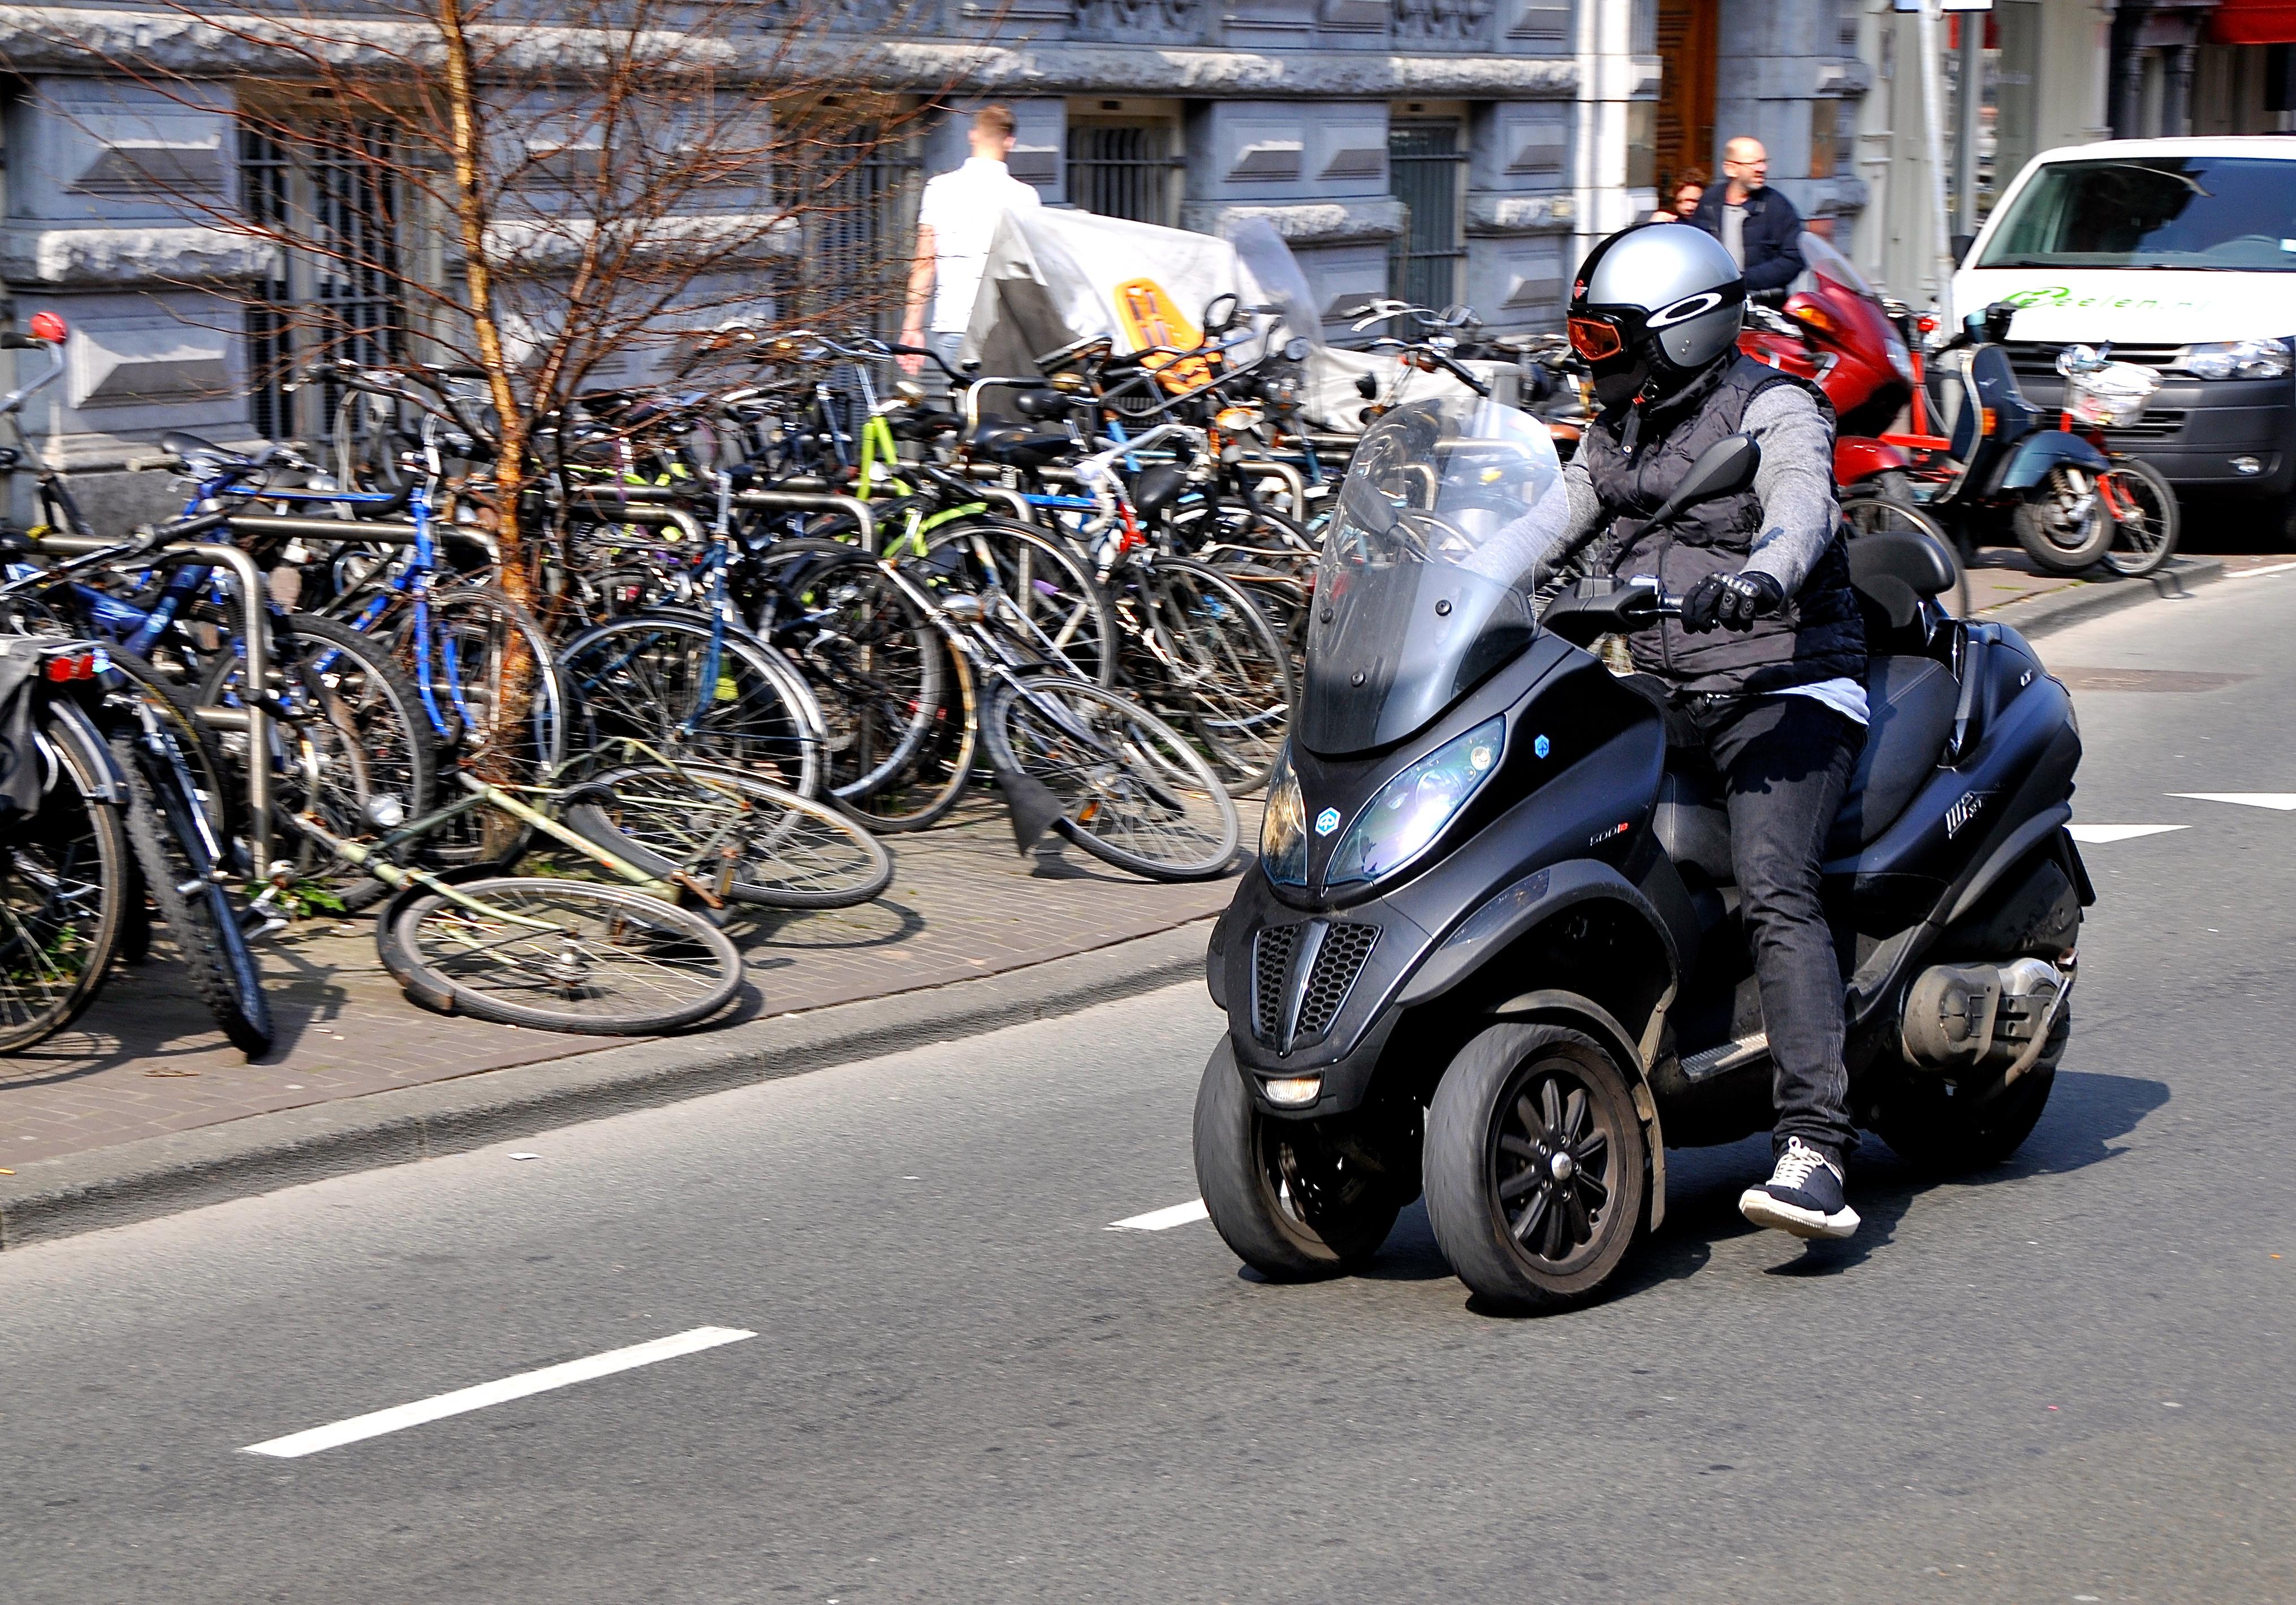 file:piaggio mp3 motorscooter (18048494693) - wikimedia commons